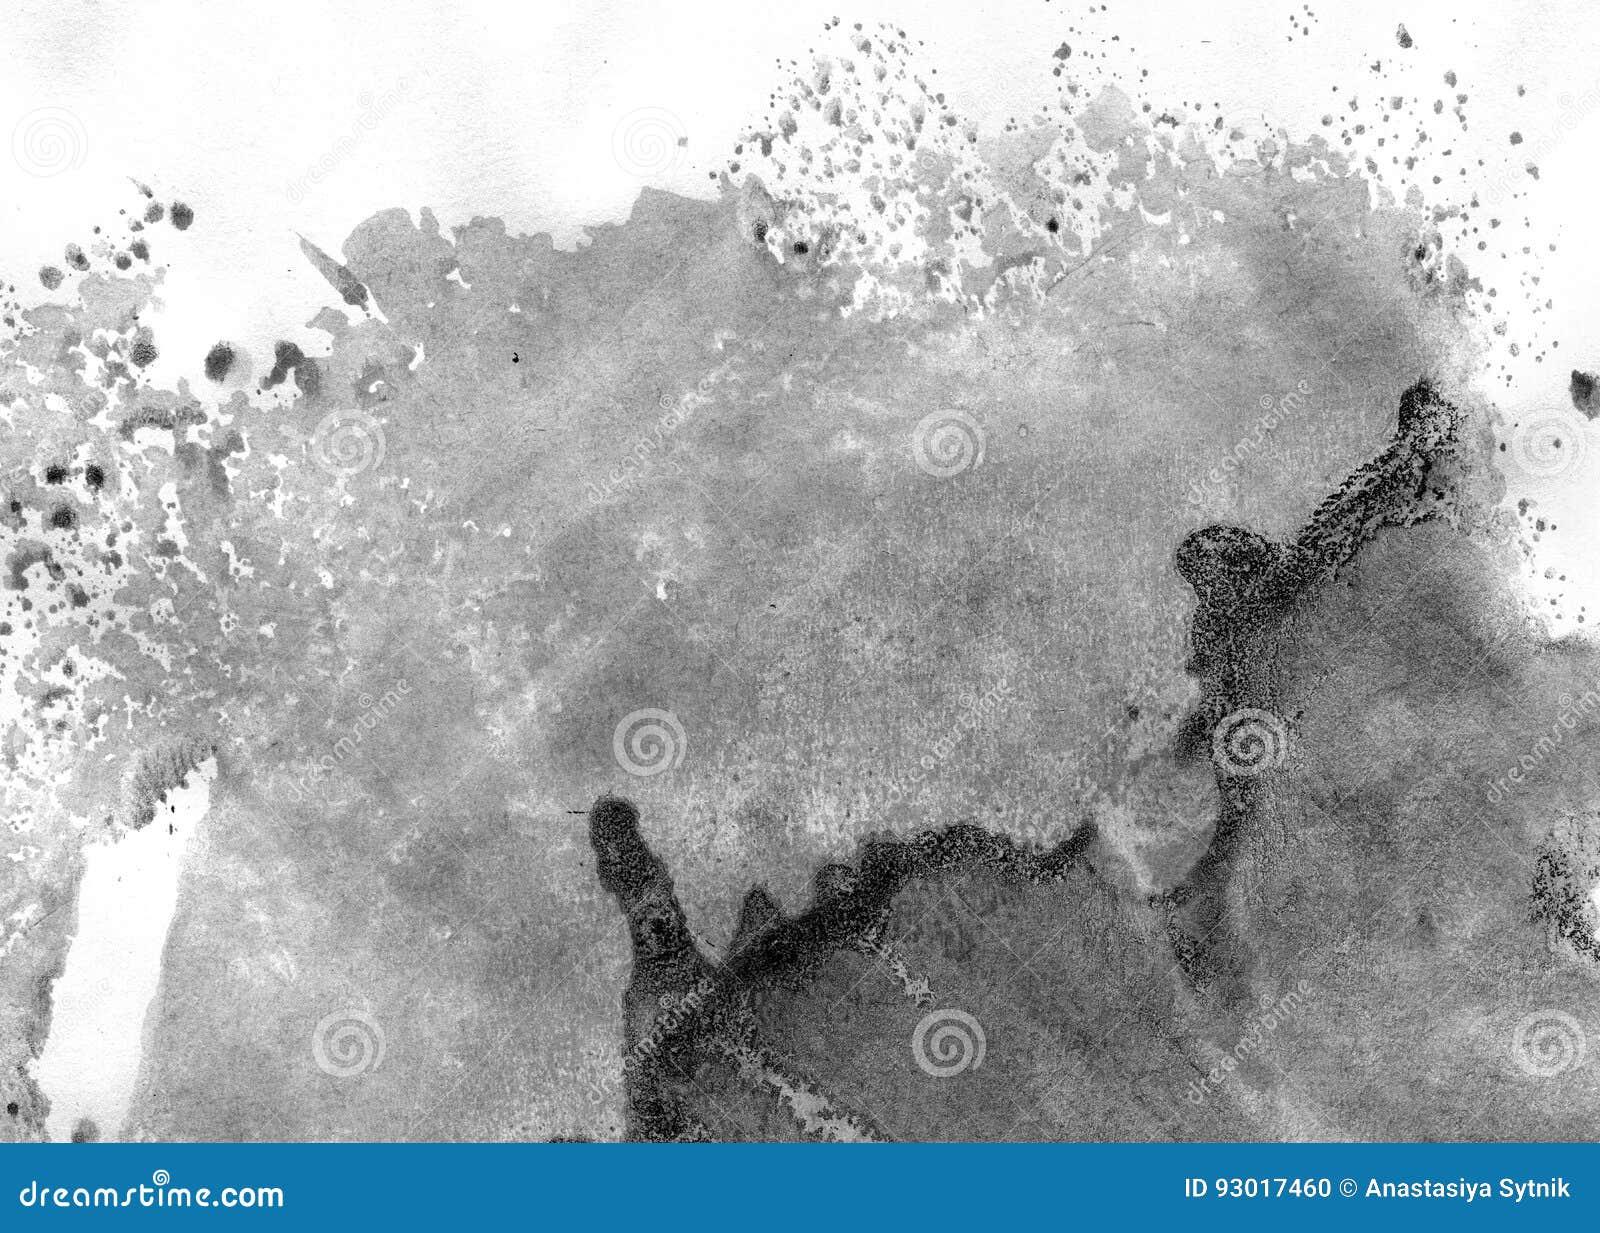 非常HIGHT决议 几何街道画摘要背景 在白皮书的黑丙烯酸漆冲程纹理